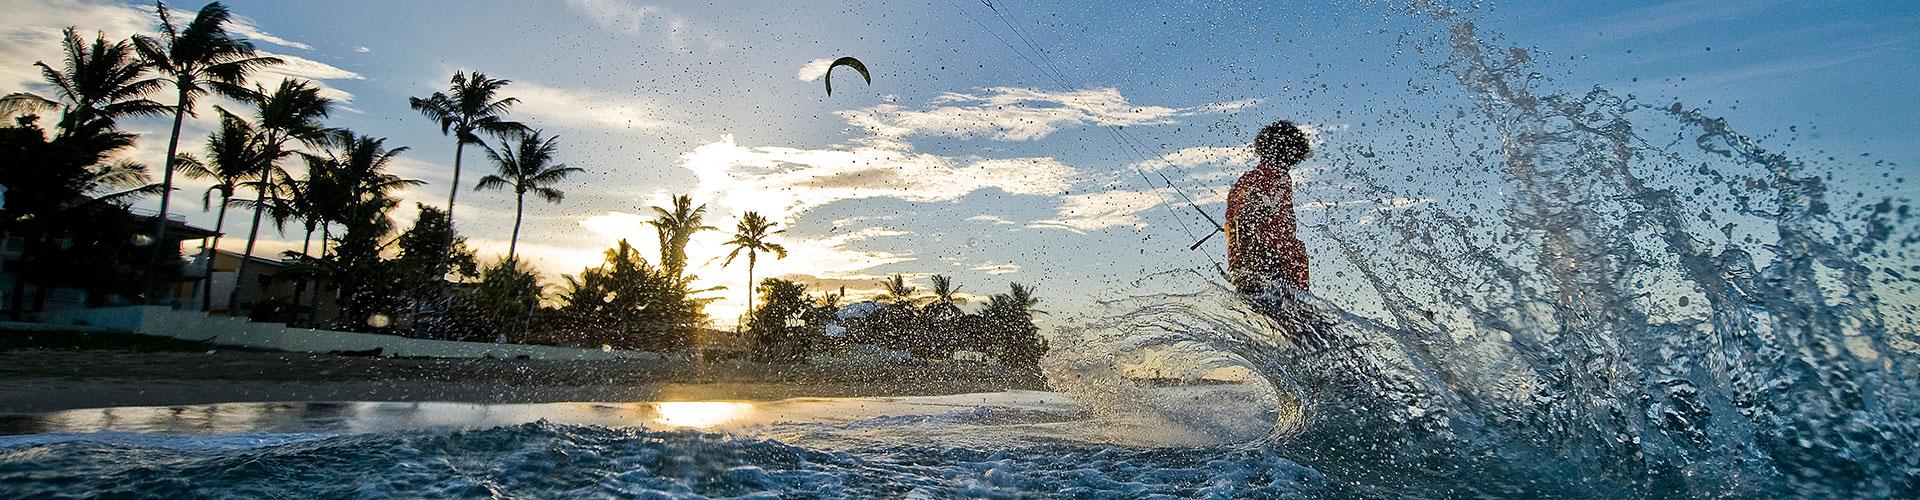 Urlaub Puerto Plata an der Nordküste der Dominikanischen Republik